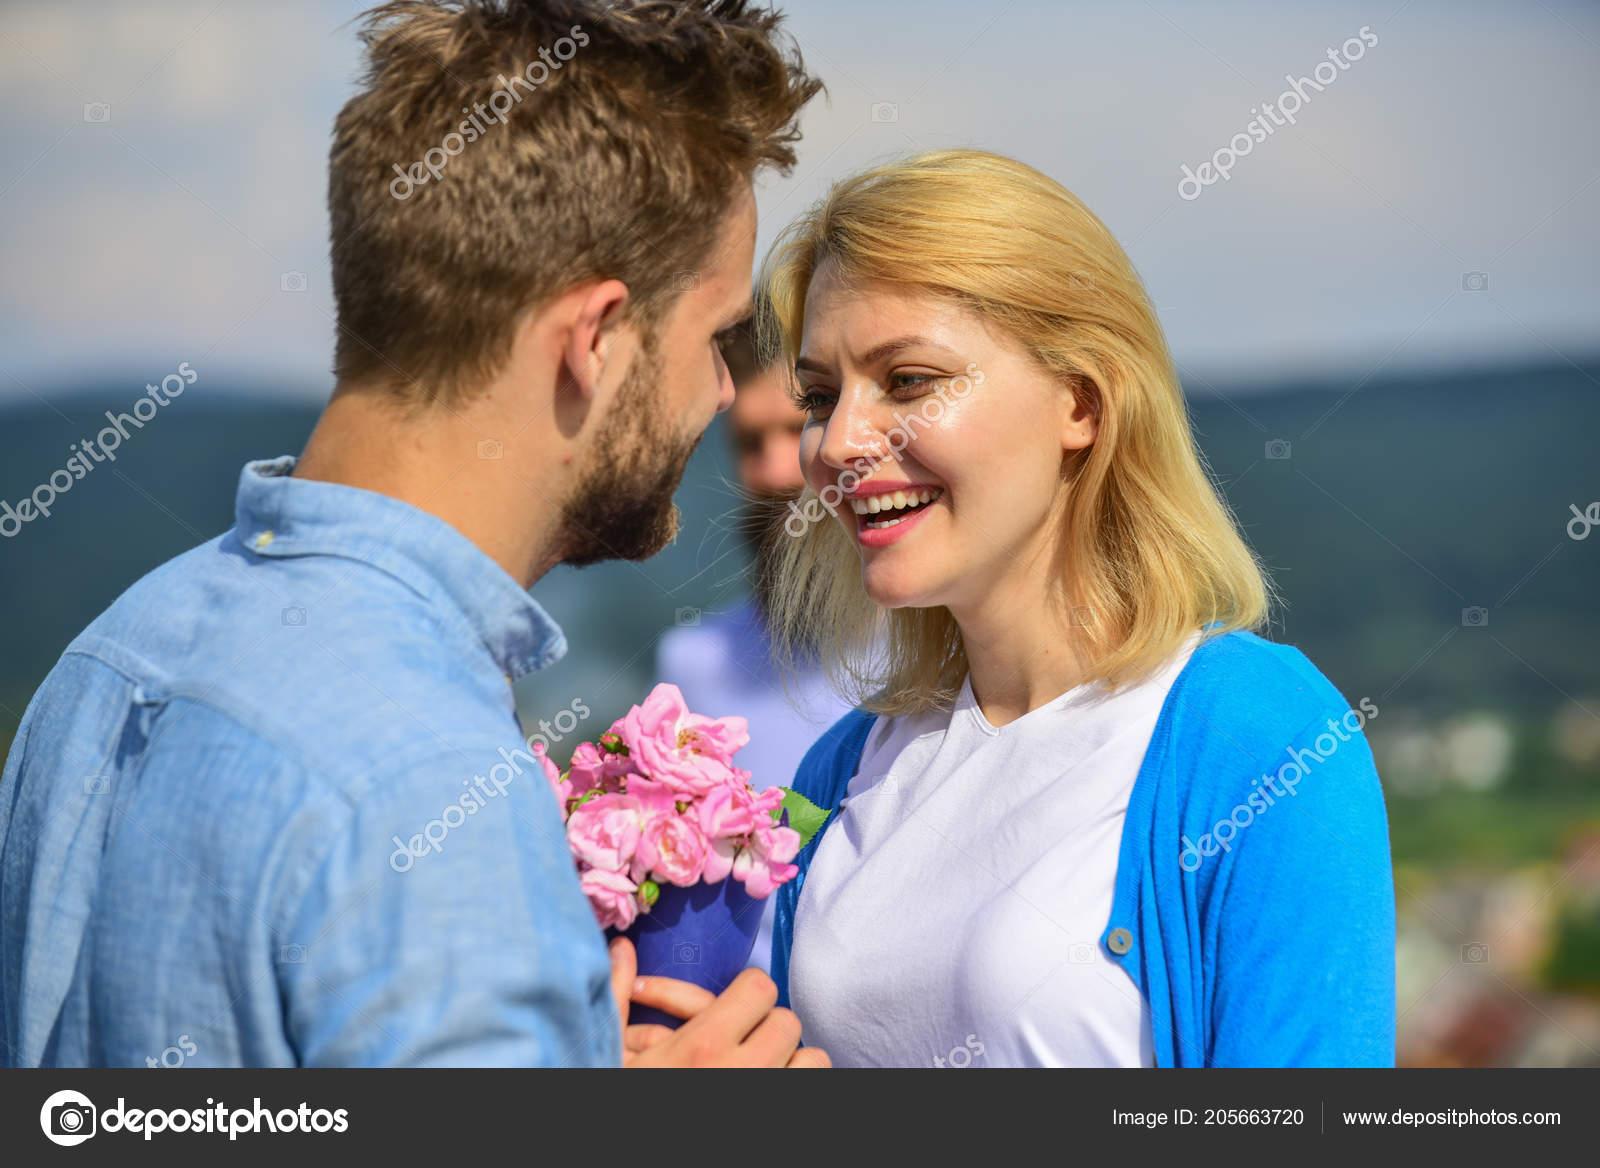 Tipy pro datování vztahů